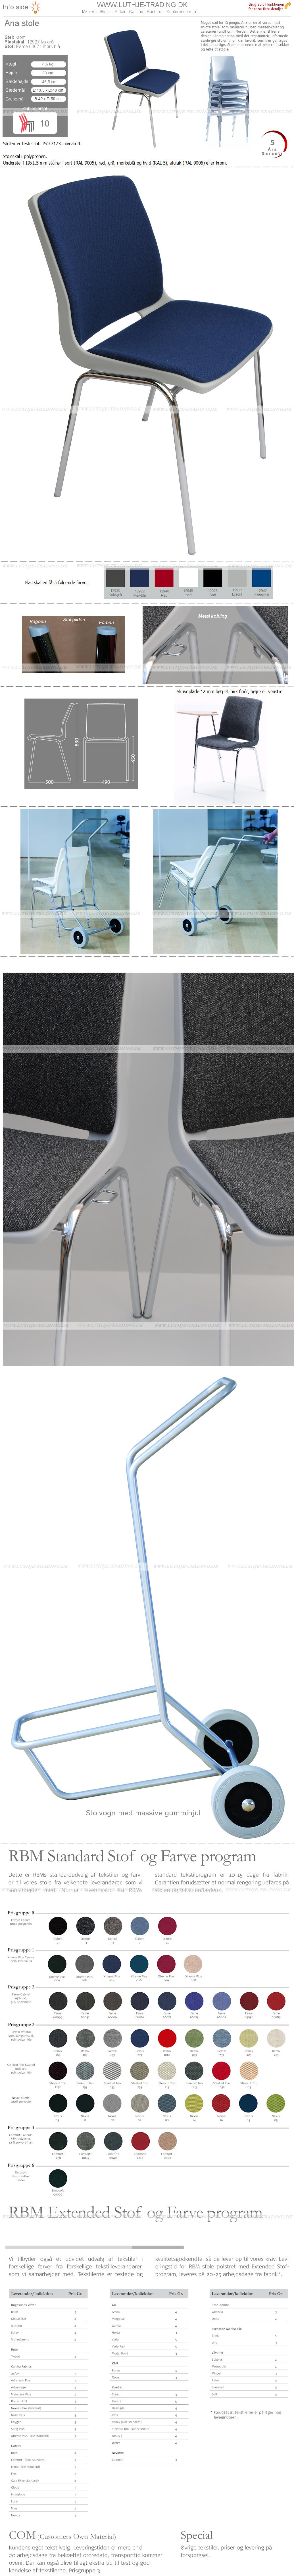 Ana stol med krom stel, lysgrå plastskal og Fame stof koboltblå nr. 60071 på sæde og ryg. Der er 5 års garanti på Ana stole.